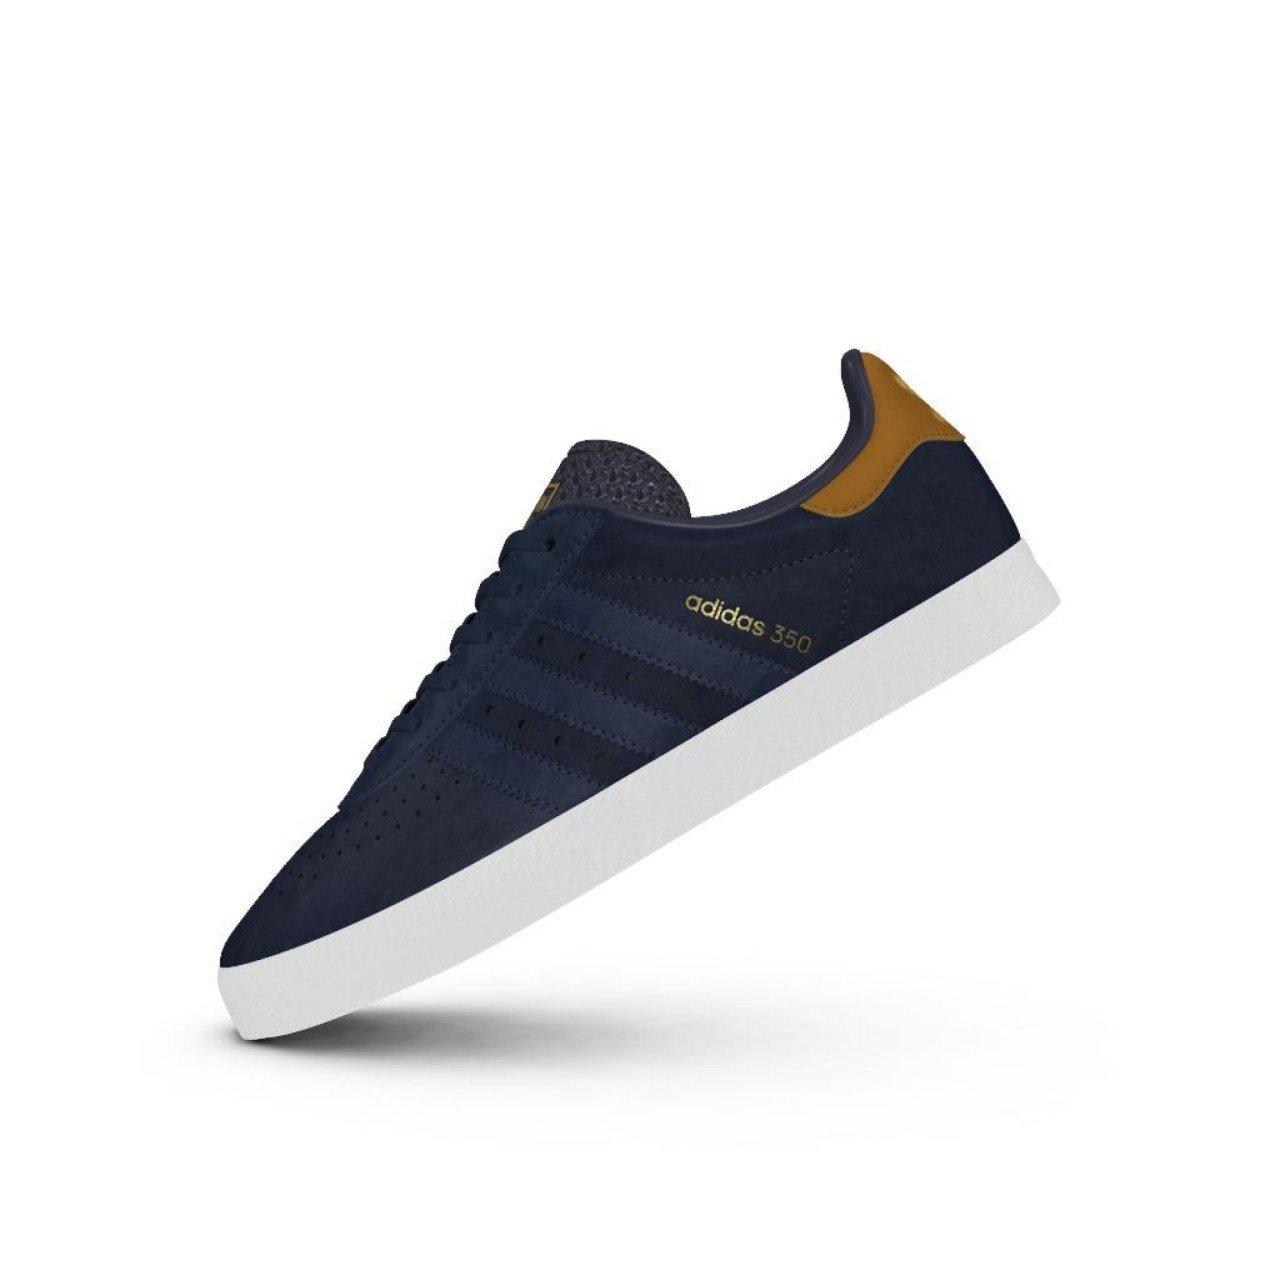 Adidas Originals Herren Herren Herren 350 Turnschuhe Schuhe -Marine 62be6f